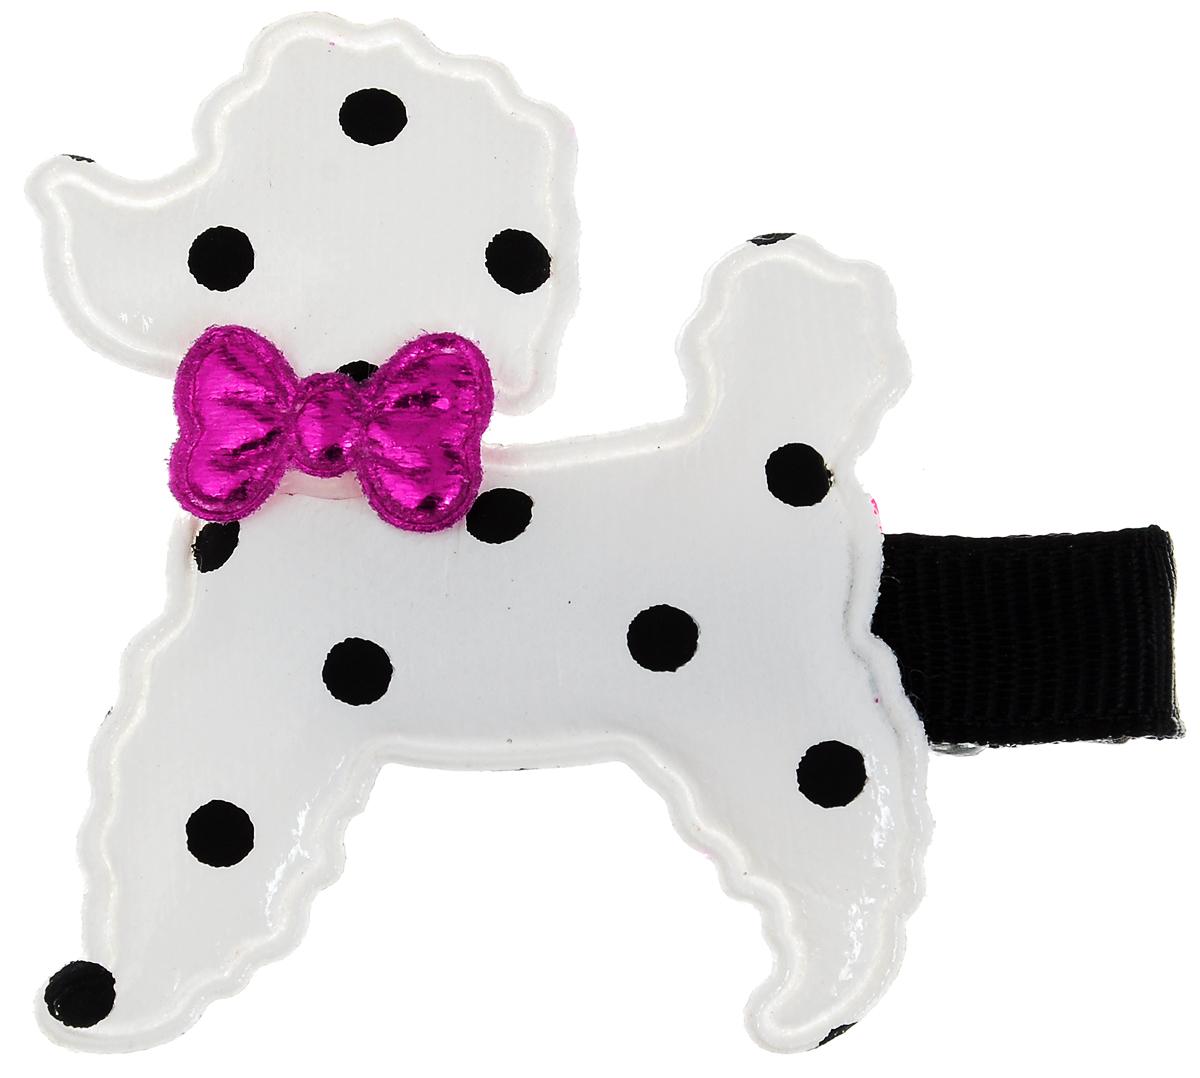 Заколка для животных Каскад Собака, цвет: белый, черный, фуксия, 4 х 5 см игрушка для животных каскад барабан с колокольчиком 4 х 4 х 4 см